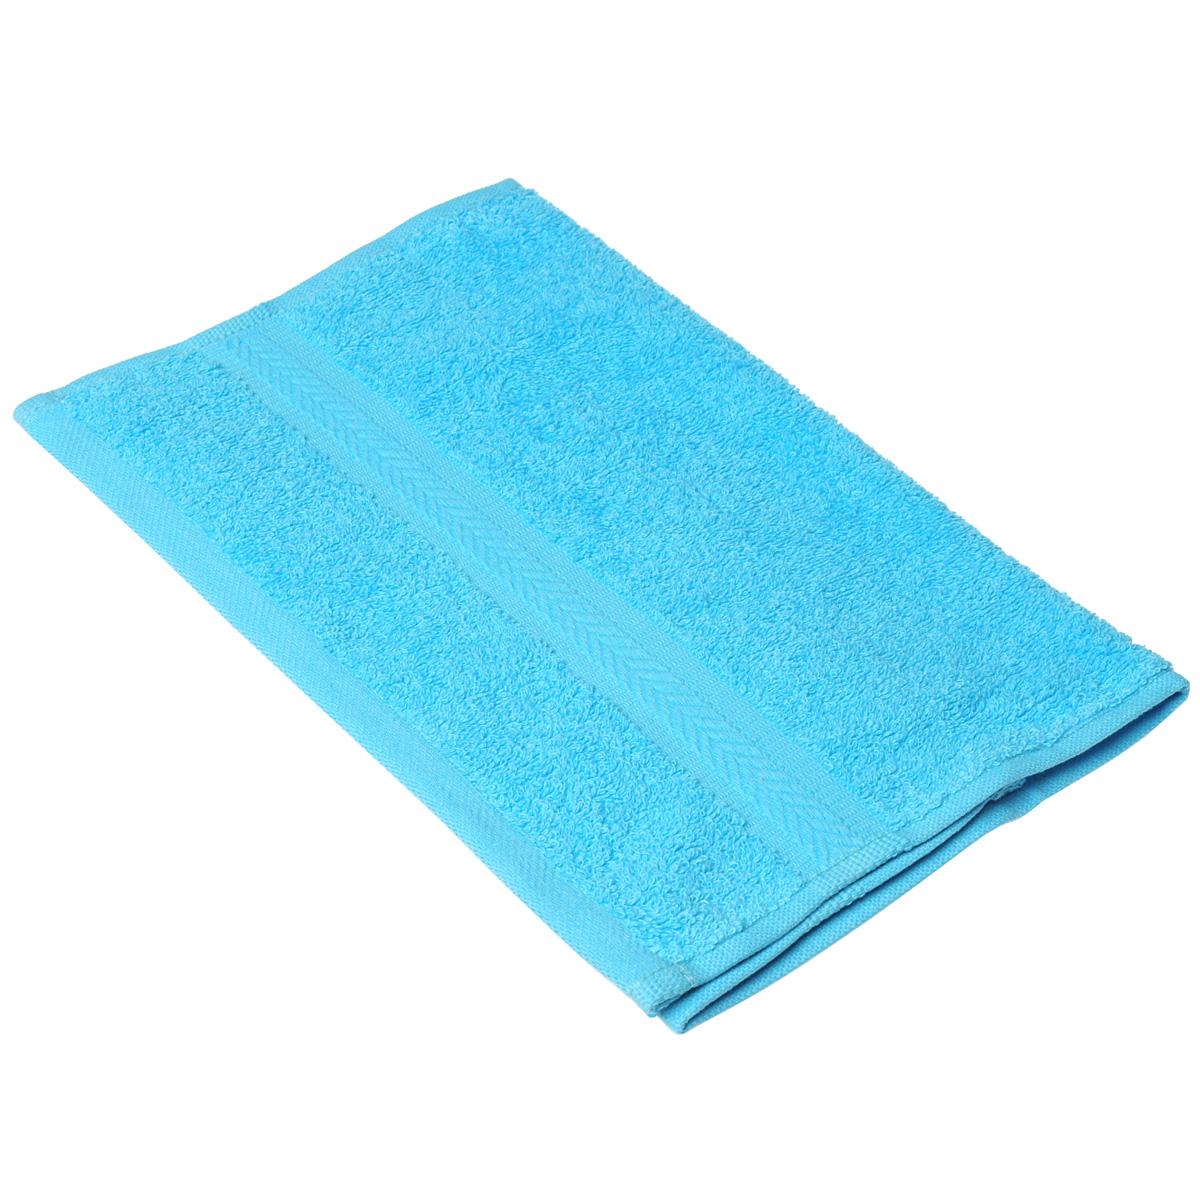 Полотенце махровое Coronet Классик, цвет: голубой, 30 см х 50 смБ-МП-1020-08-06Махровое полотенце Coronet Классик, изготовленное из натурального хлопка, подарит массу положительных эмоций и приятных ощущений. Полотенце отличается нежностью и мягкостью материала, утонченным дизайном и превосходным качеством. Оно прекрасно впитывает влагу, быстро сохнет и не теряет своих свойств после многократных стирок. Махровое полотенце Coronet Классик станет достойным выбором для вас и приятным подарком для ваших близких. Мягкость и высокое качество материала, из которого изготовлены полотенца, не оставит вас равнодушными.